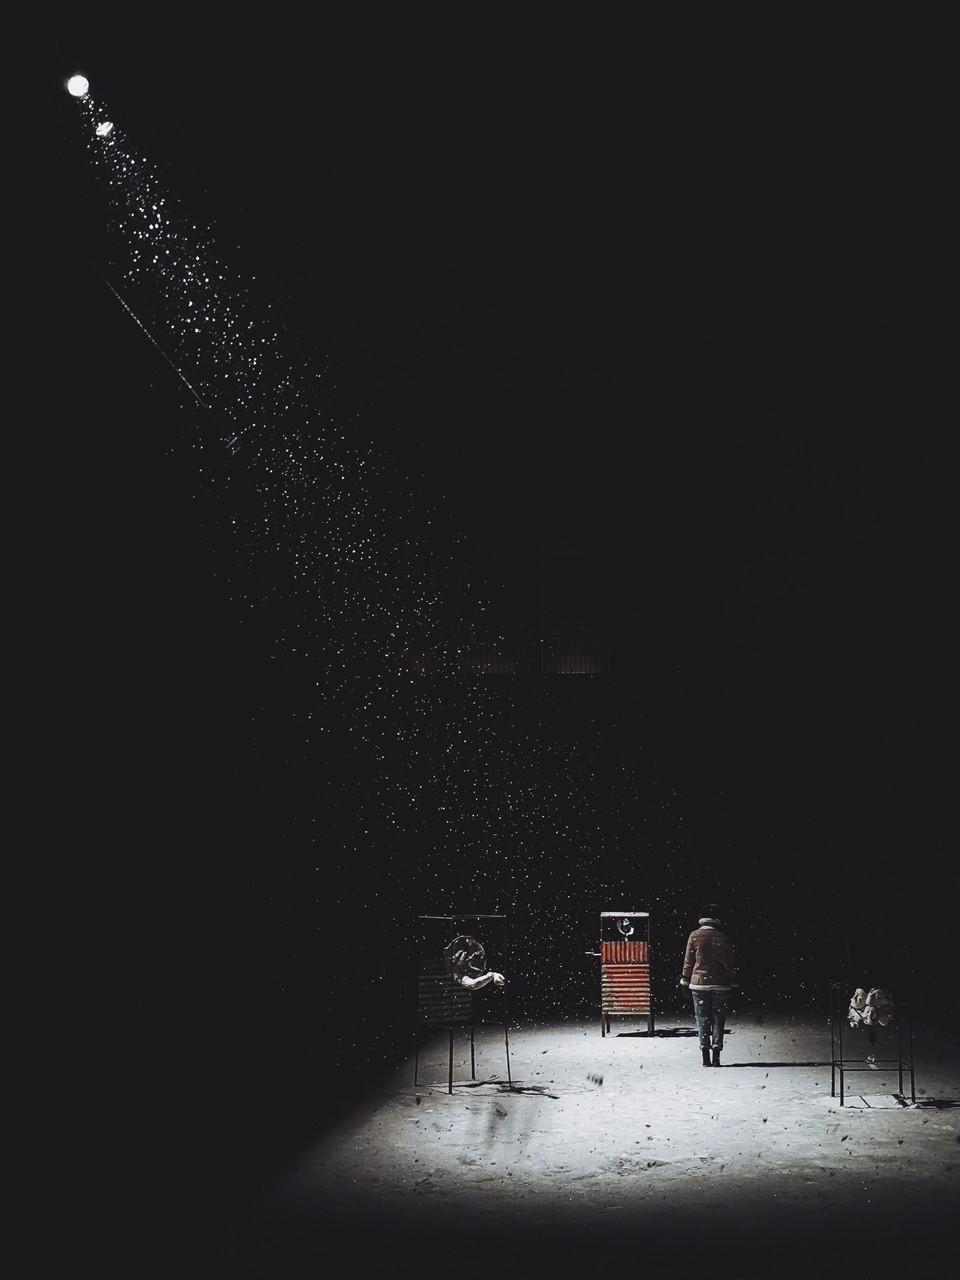 Пойманный лучом света, © Вес МВ, Победитель категории, Конкурс мобильной фотографии Huawei